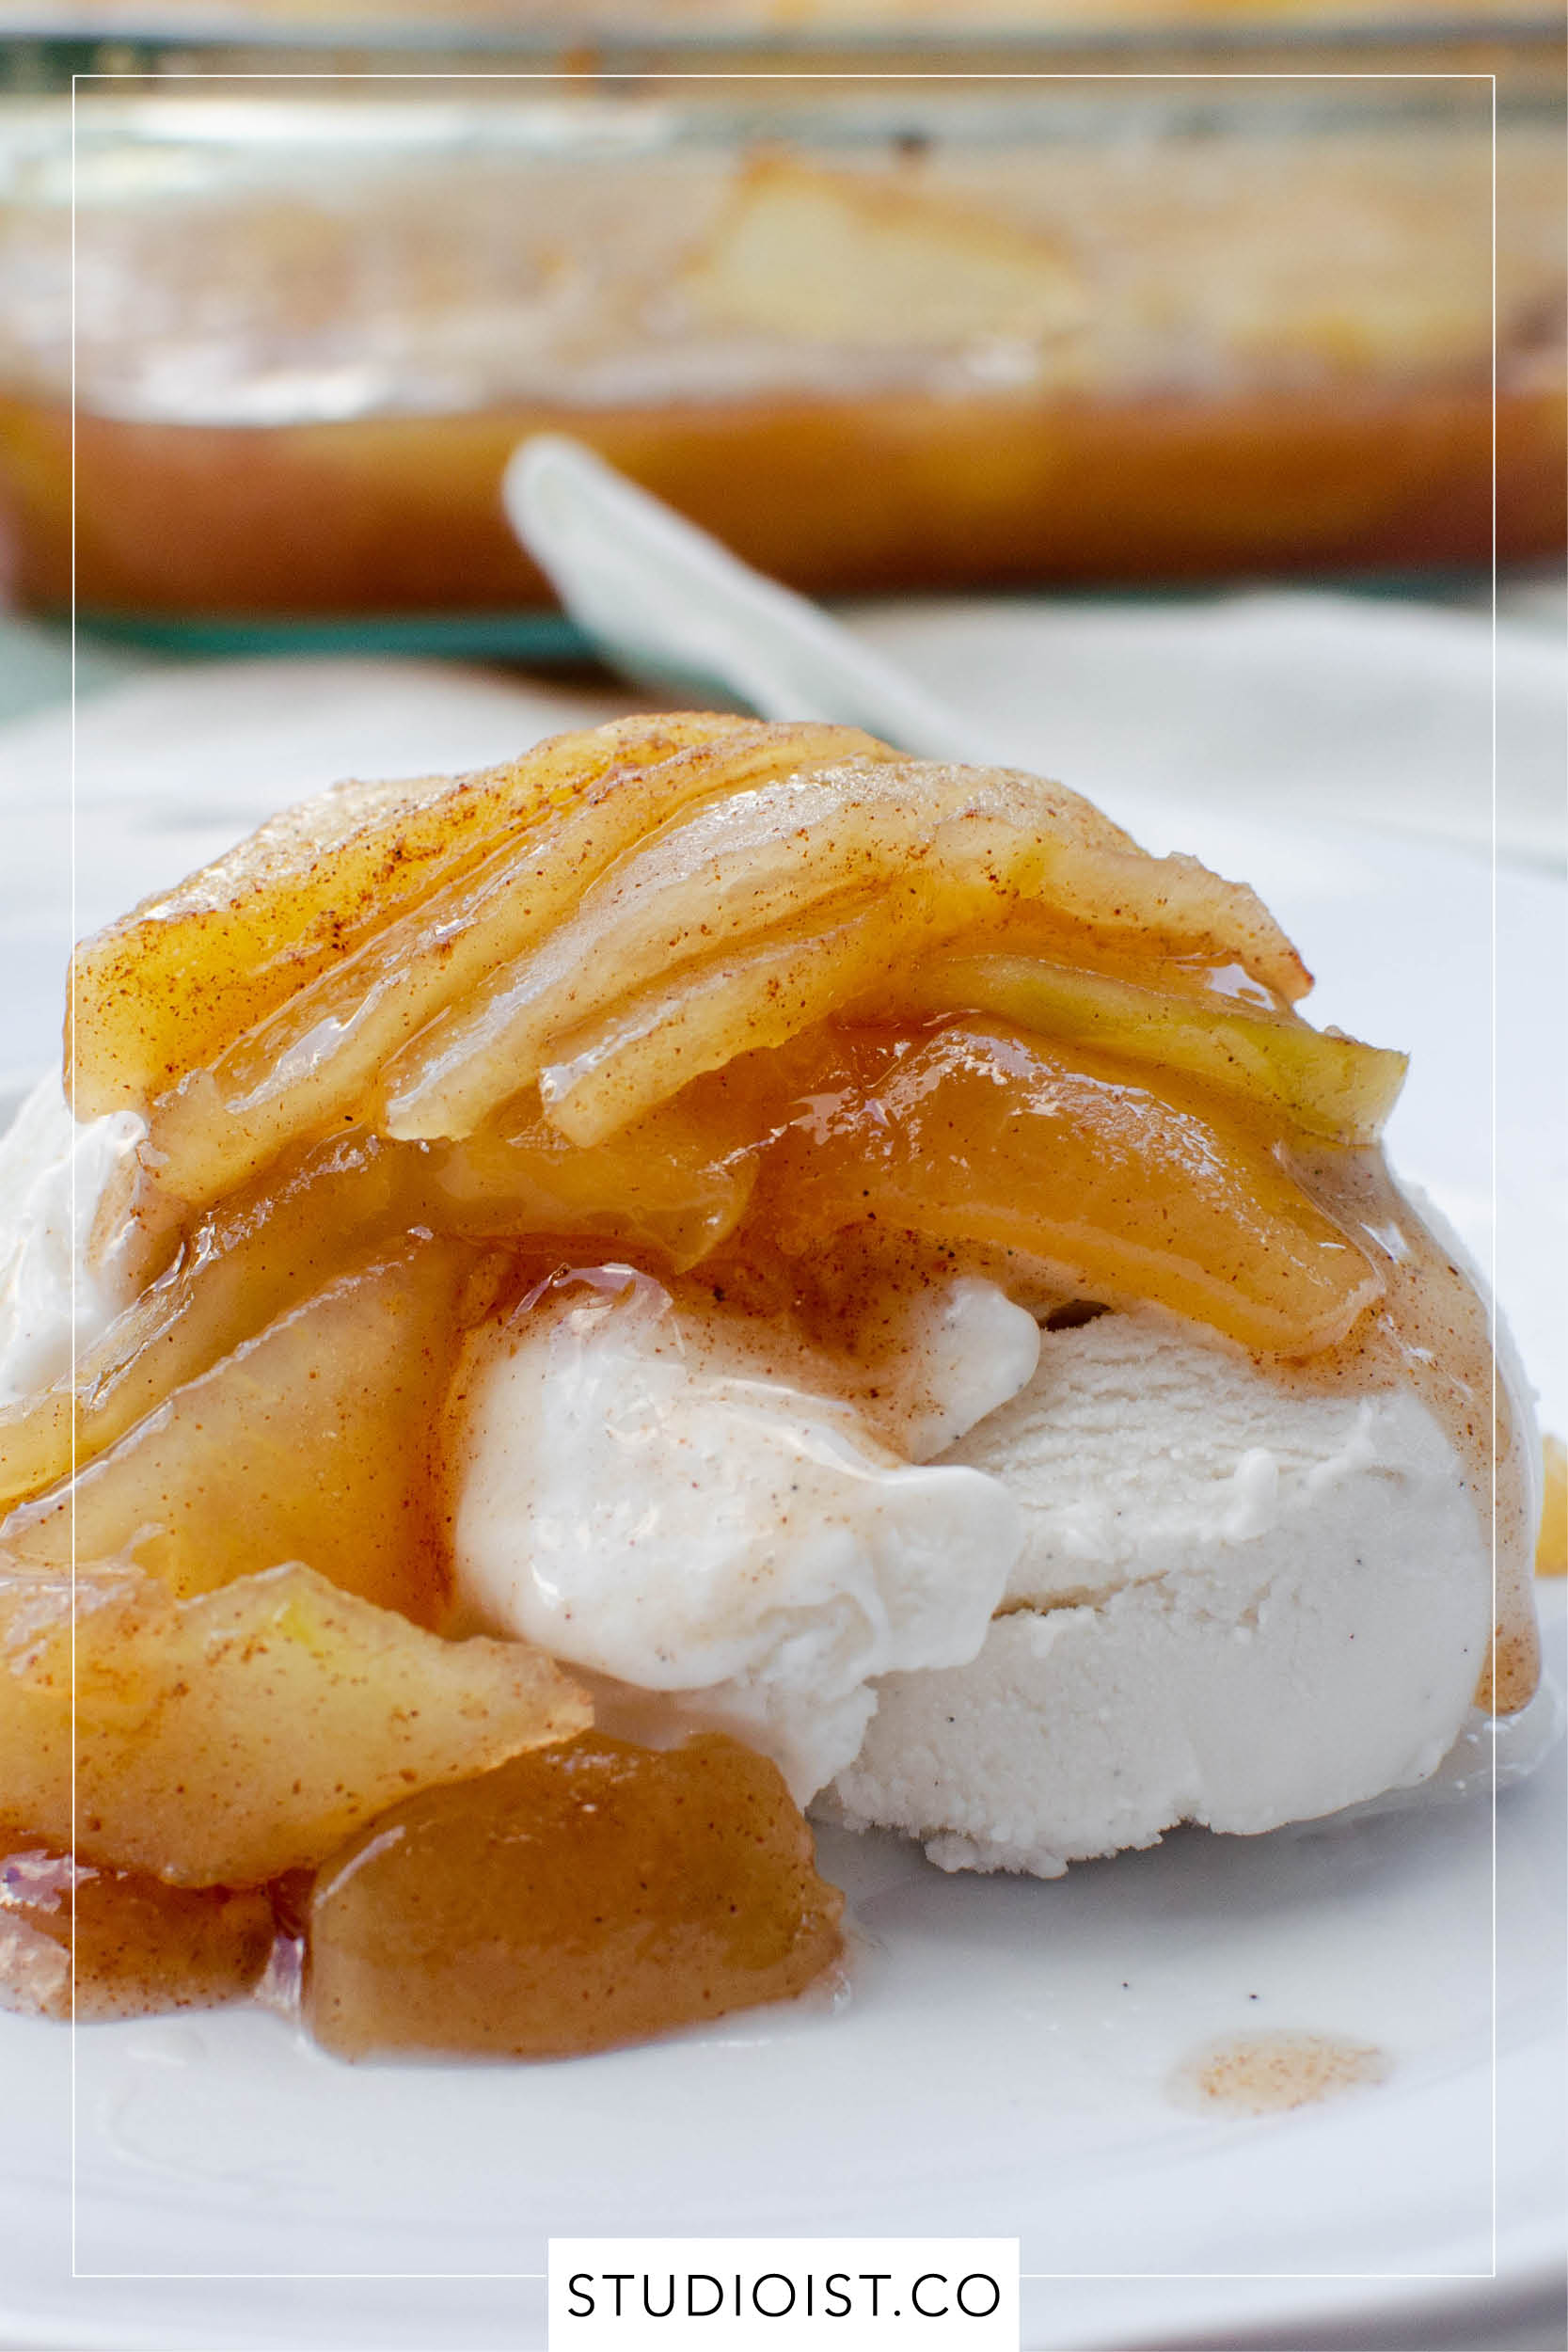 Studioist_Pinterest Design_Baked Cinnamon Apples2.jpg